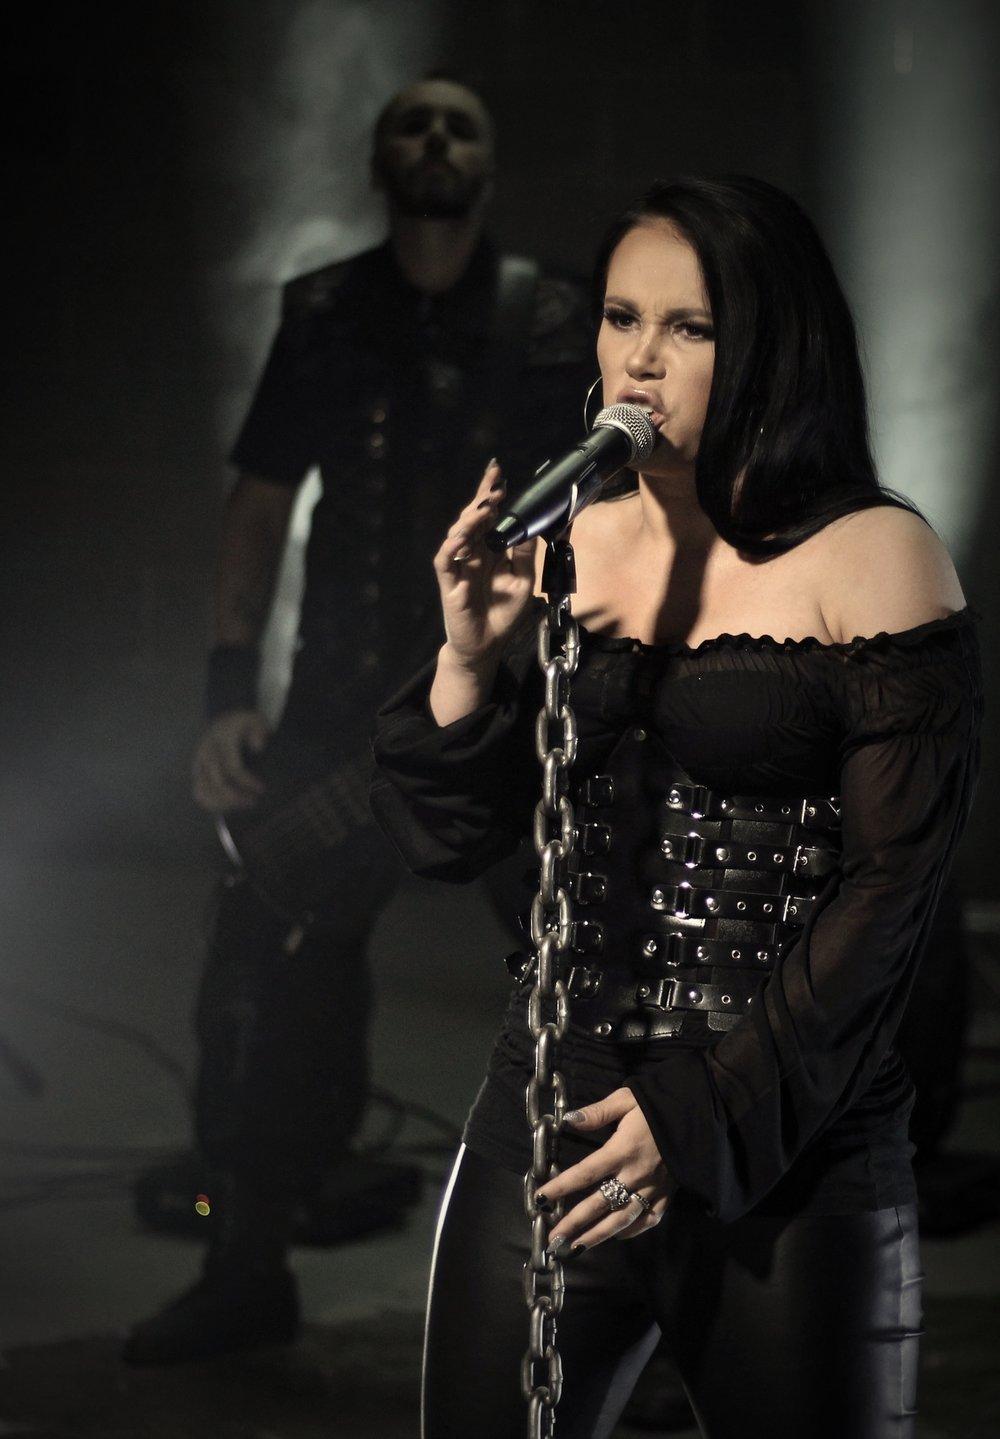 Tara - Vocals